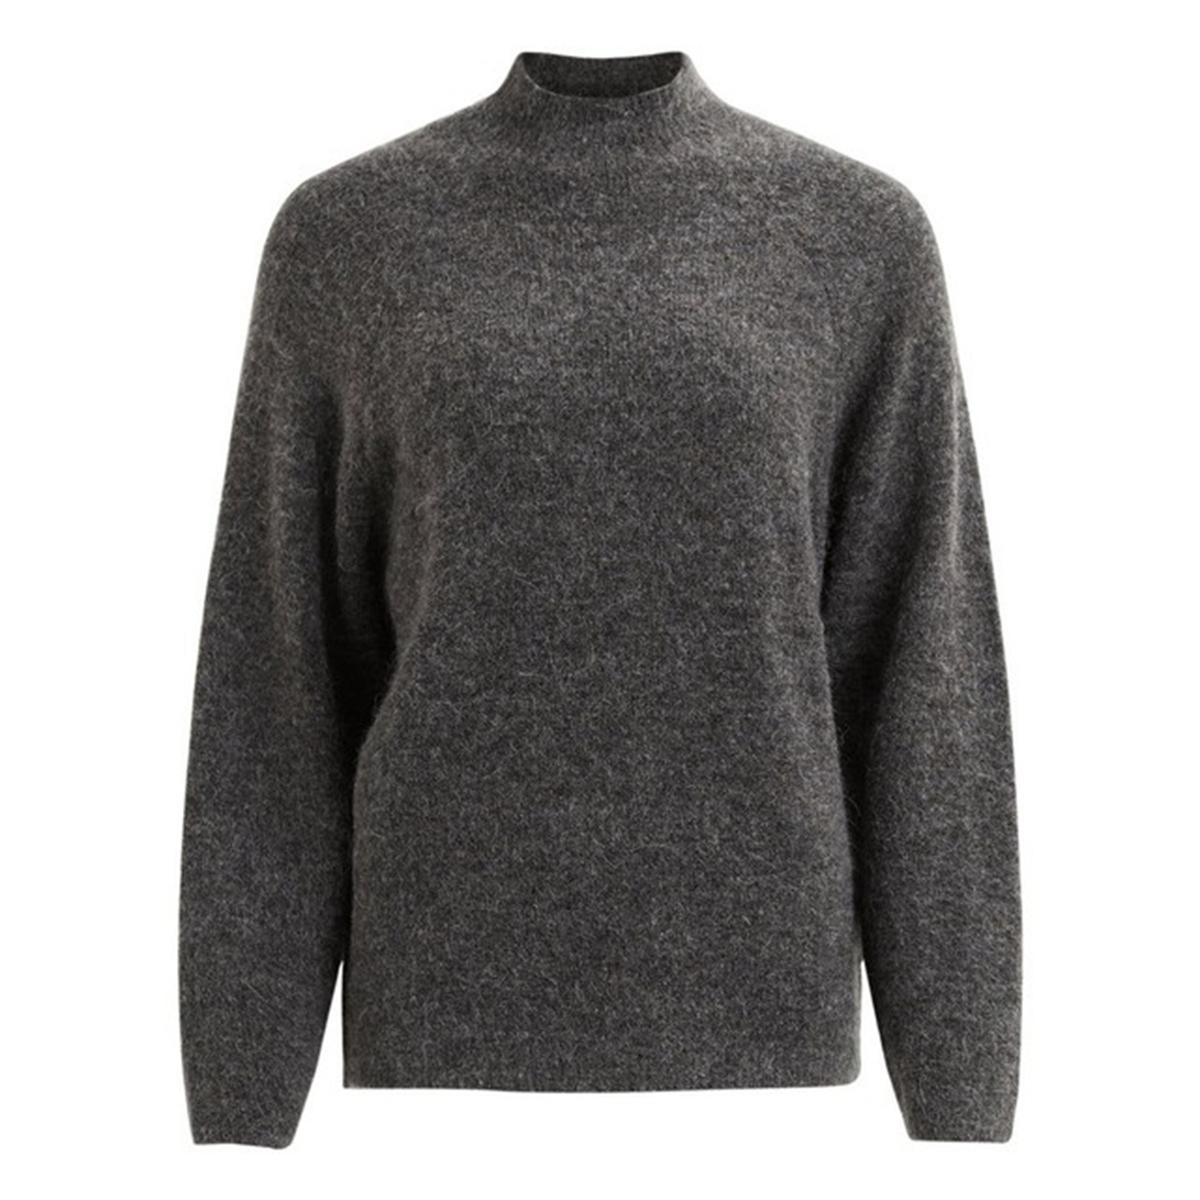 Пуловер из тонкого трикотажаОписание:Детали •  Длинные рукава •  Воротник-стойка •  Тонкий трикотажСостав и уход •  63% акрила, 3% эластана, 10% мохера, 11% полиамида, 13% полиэстера  •  Следуйте советам по уходу, указанным на этикетке<br><br>Цвет: темно-серый